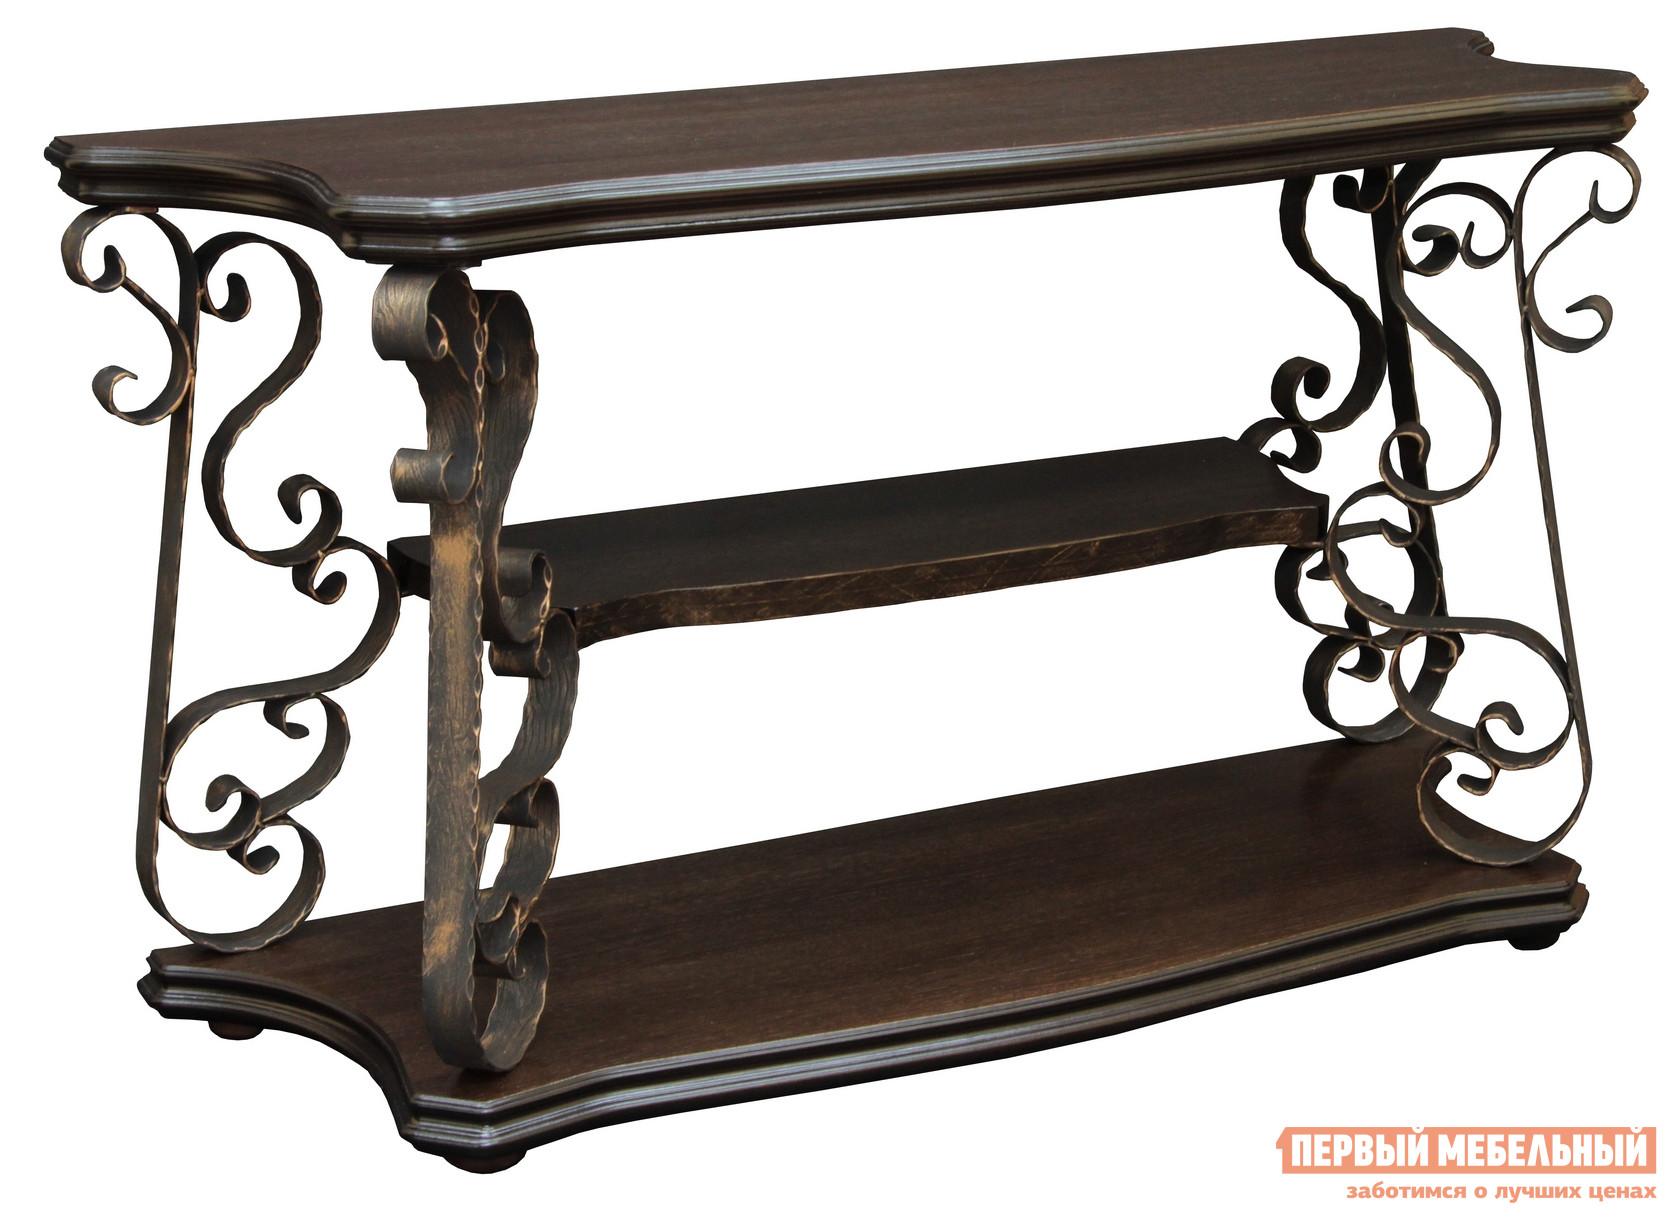 Консоль Мебелик Лючия 2301 консоль мебелик лючия 2301